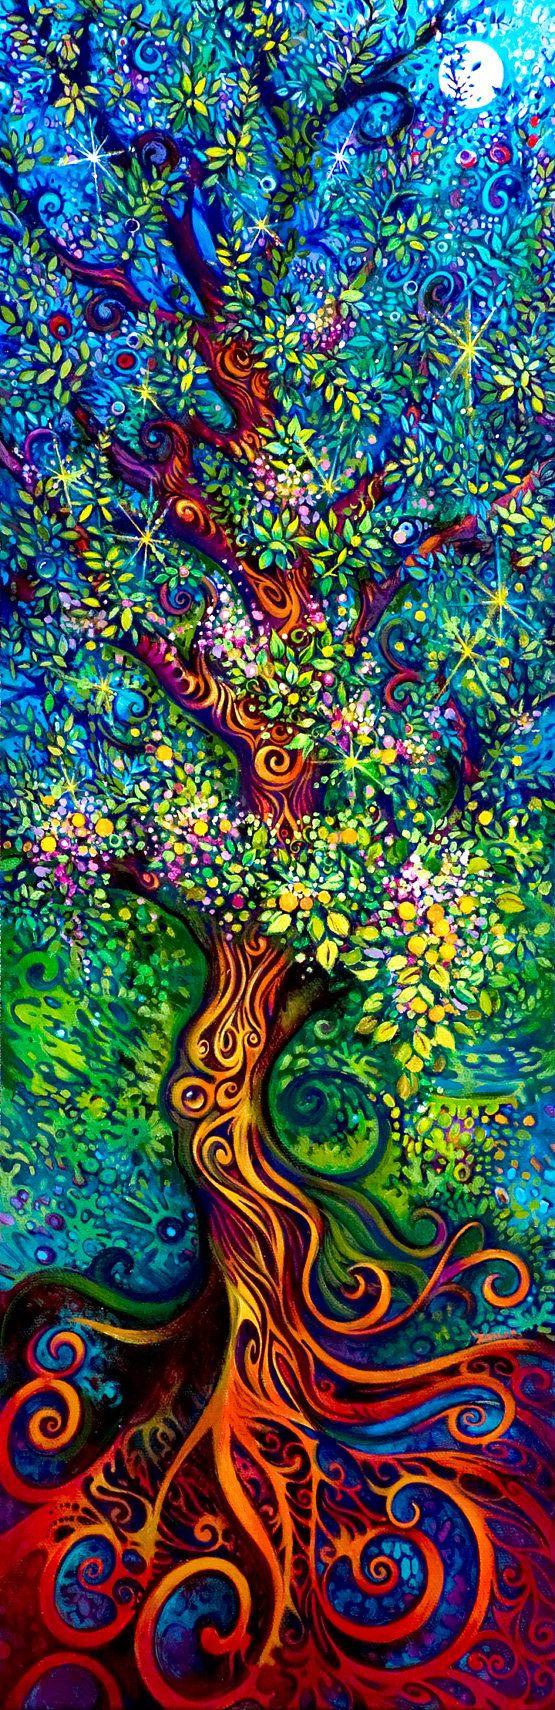 Ursprünglich als esoterische Wissen bewacht, kommt der Baum des Lebens von frühe jüdische Mystik, obwohl es gedacht wird, um eine Verlängerung der assyrischen Theologie. Es ist die Grundlage für das Studium der Kabbala und wurde später Teil des christlichen Glaubens. Für mich stellt es Wachstum und die ständige organische Bewegung des Lebens. Sehen Sie das Chakra-System innerhalb dieses Bild, und es ist im Wesentlichen ein Symbol für was es heißt, Mensch zu sein..., dass unser Wachstum ist…